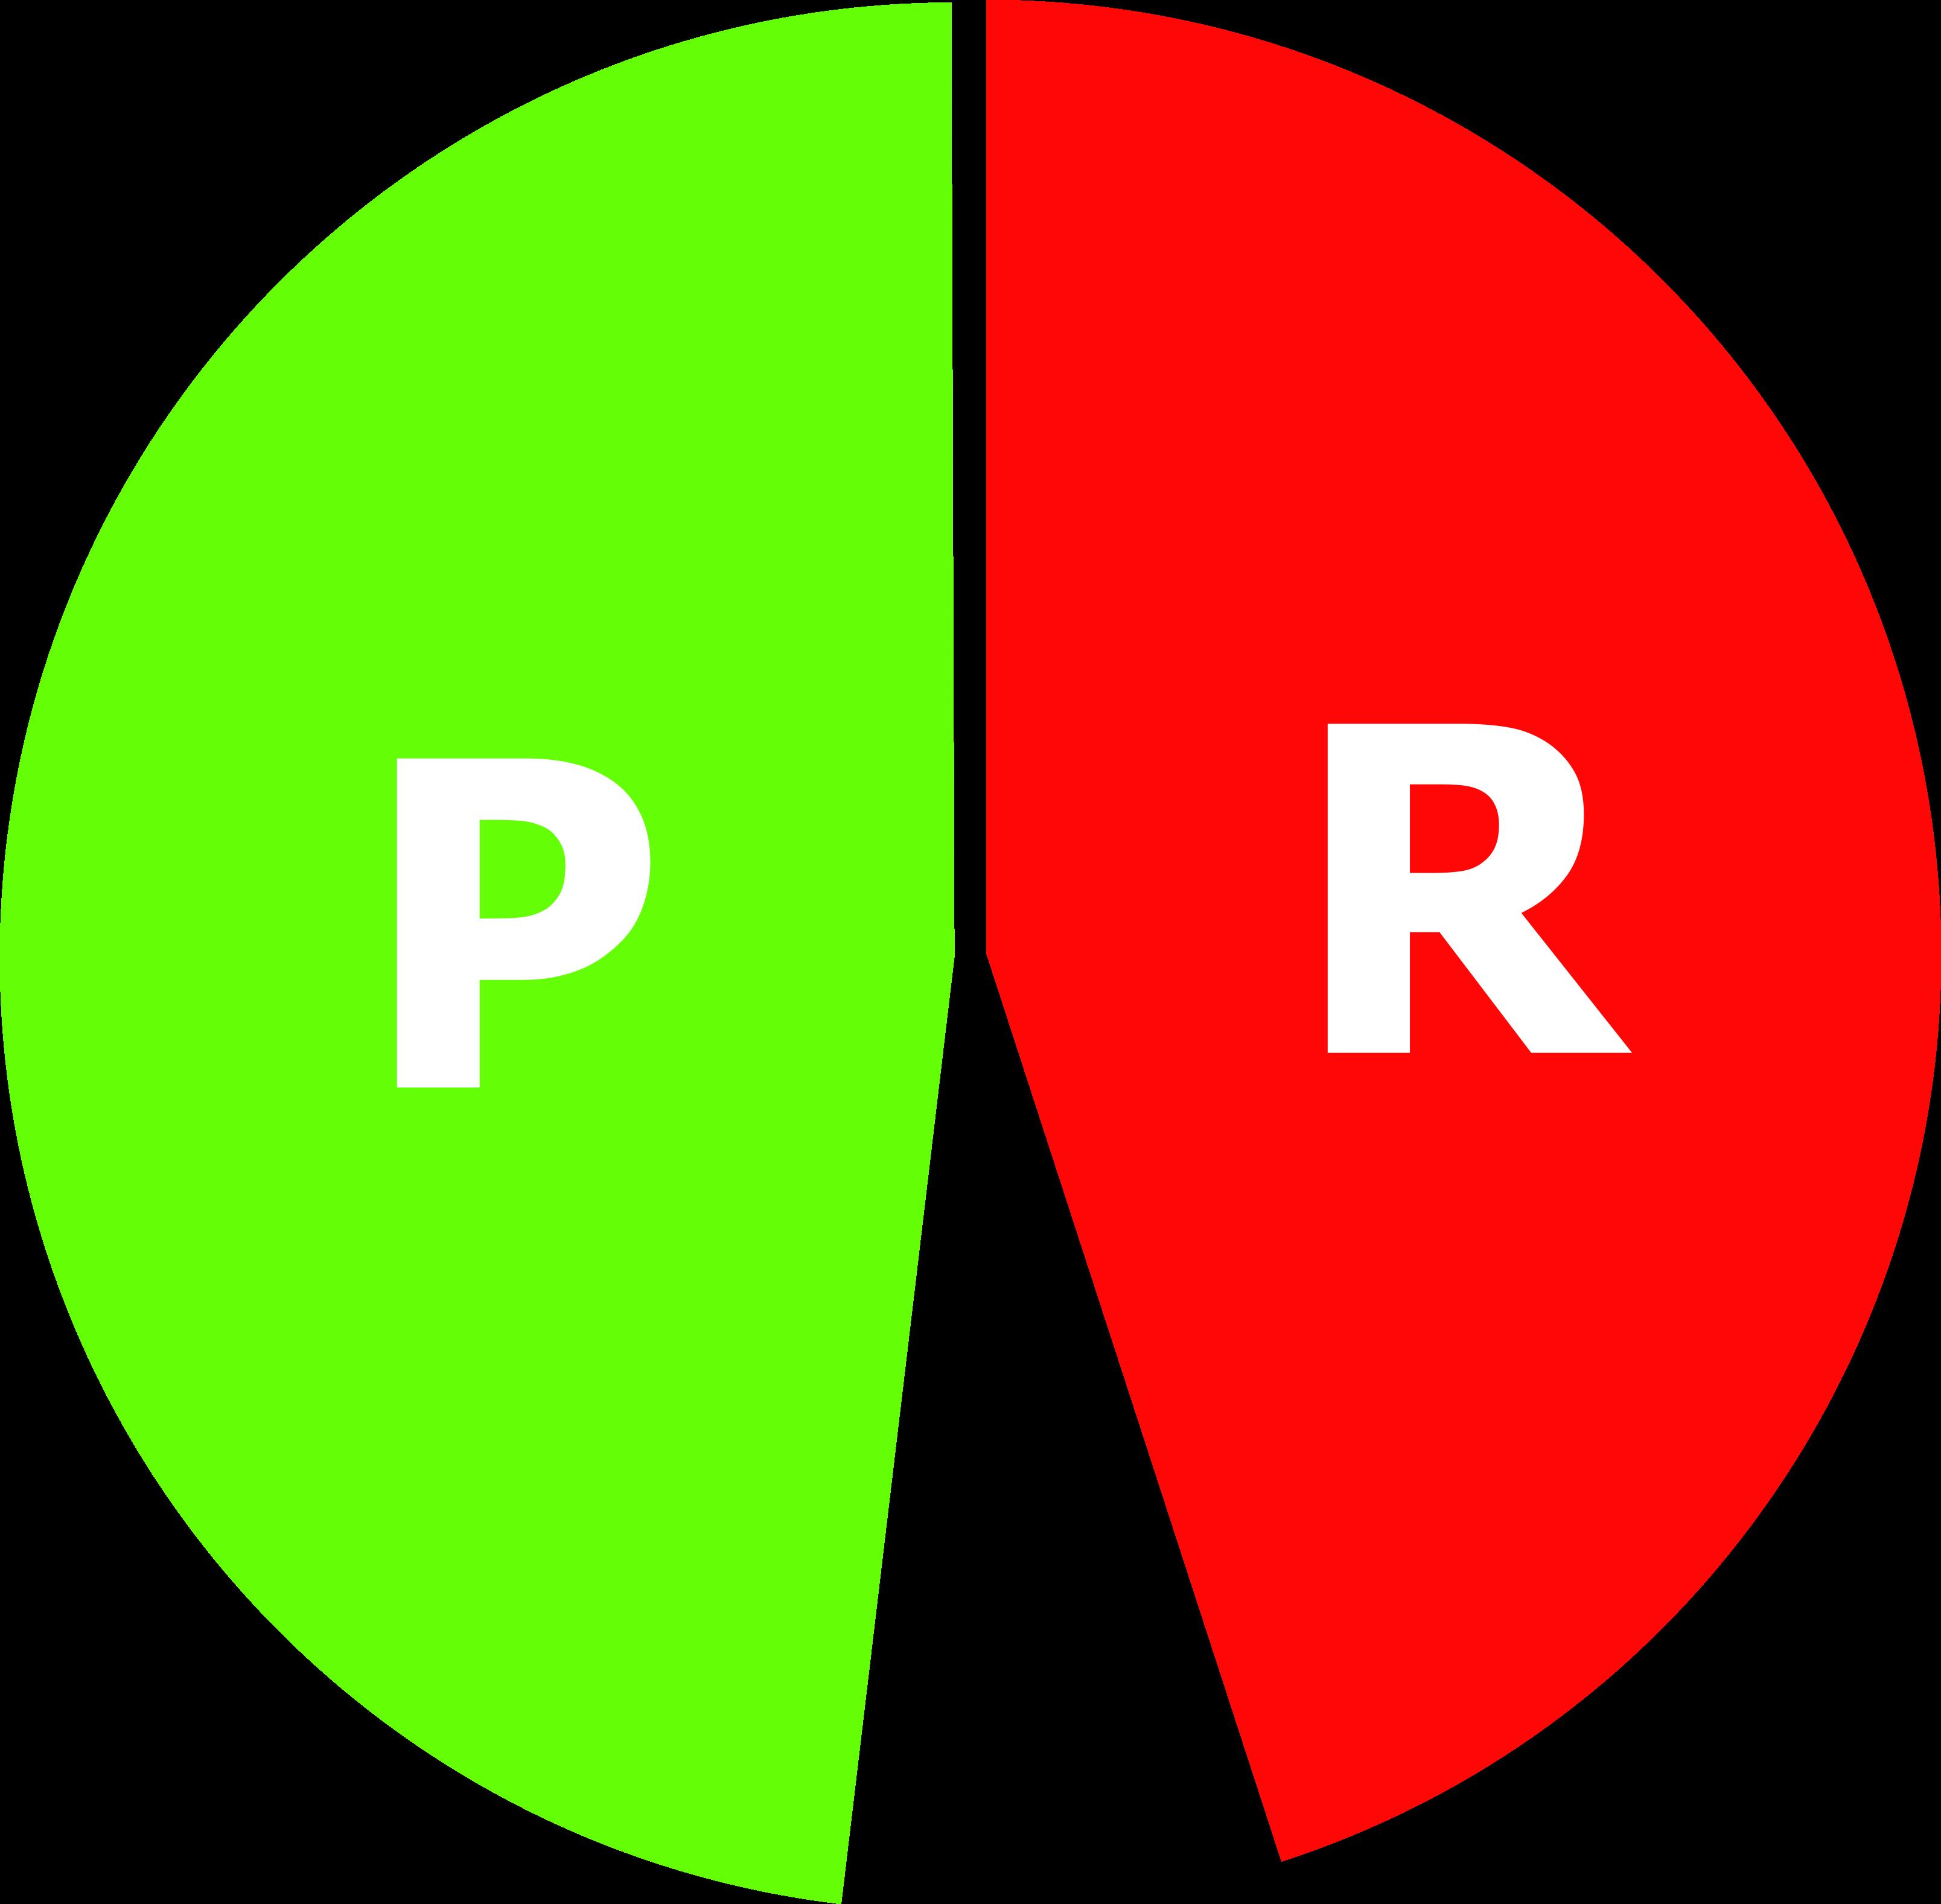 pie chart burlington final result